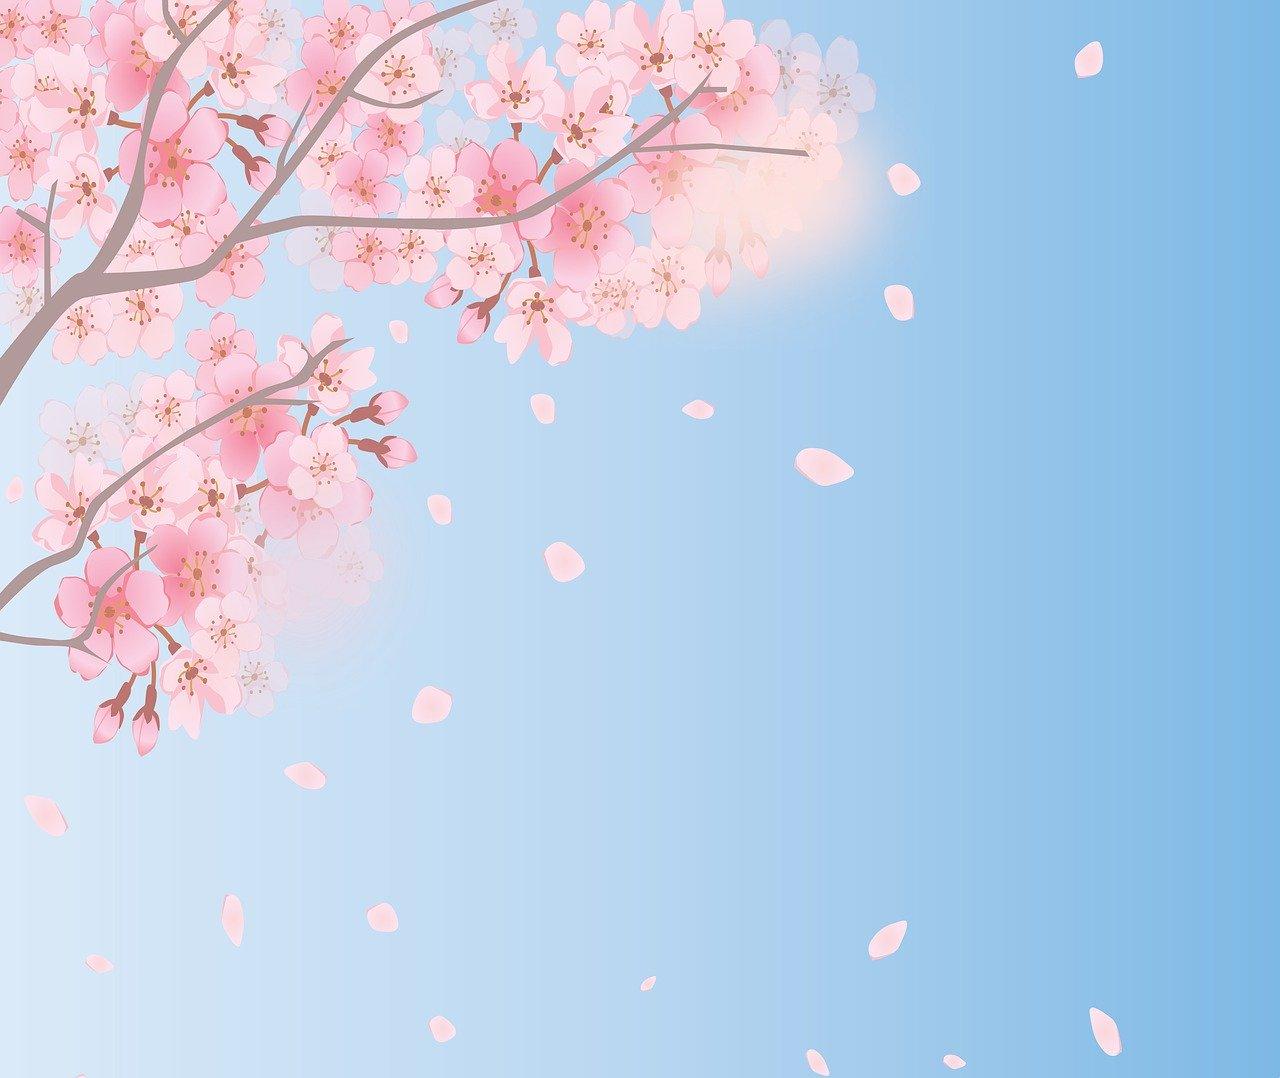 春先は頭痛、自律神経の乱れ、更年期障害などの症状が出やすい季節!たなかファミリアは完全予約制の個室での治療になります!